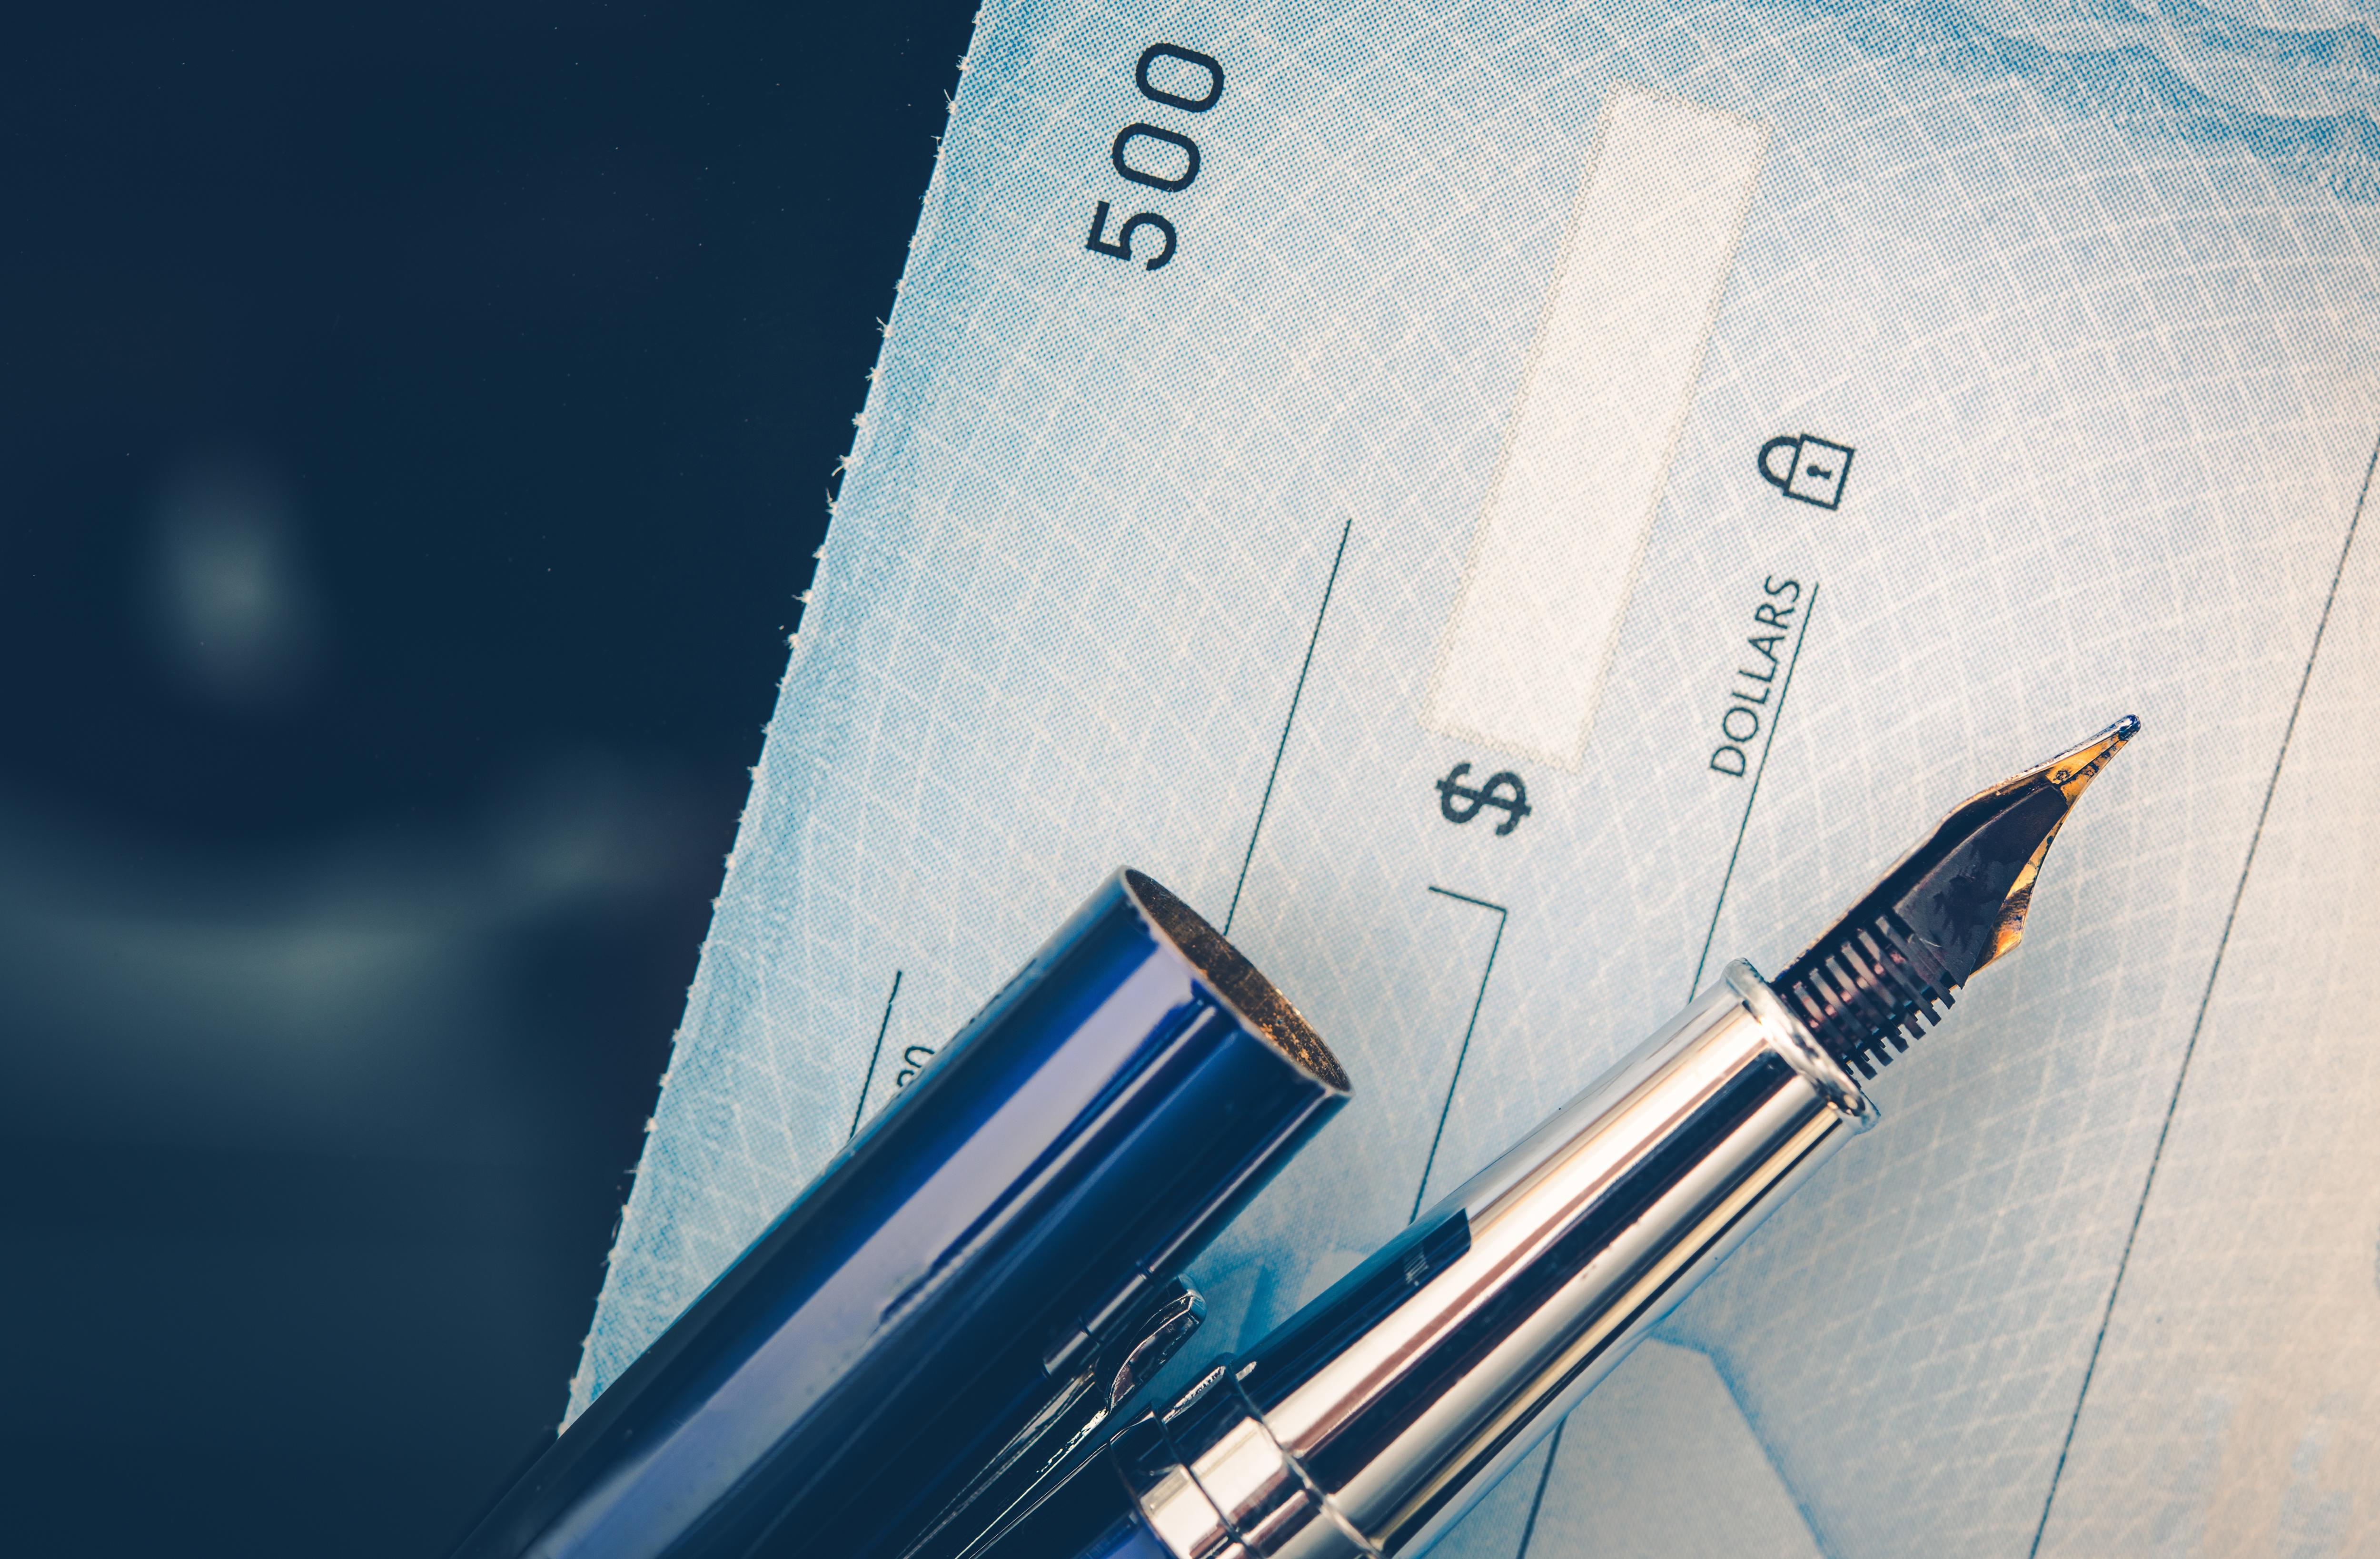 Открытие банковского счета в Сьерра-Леоне